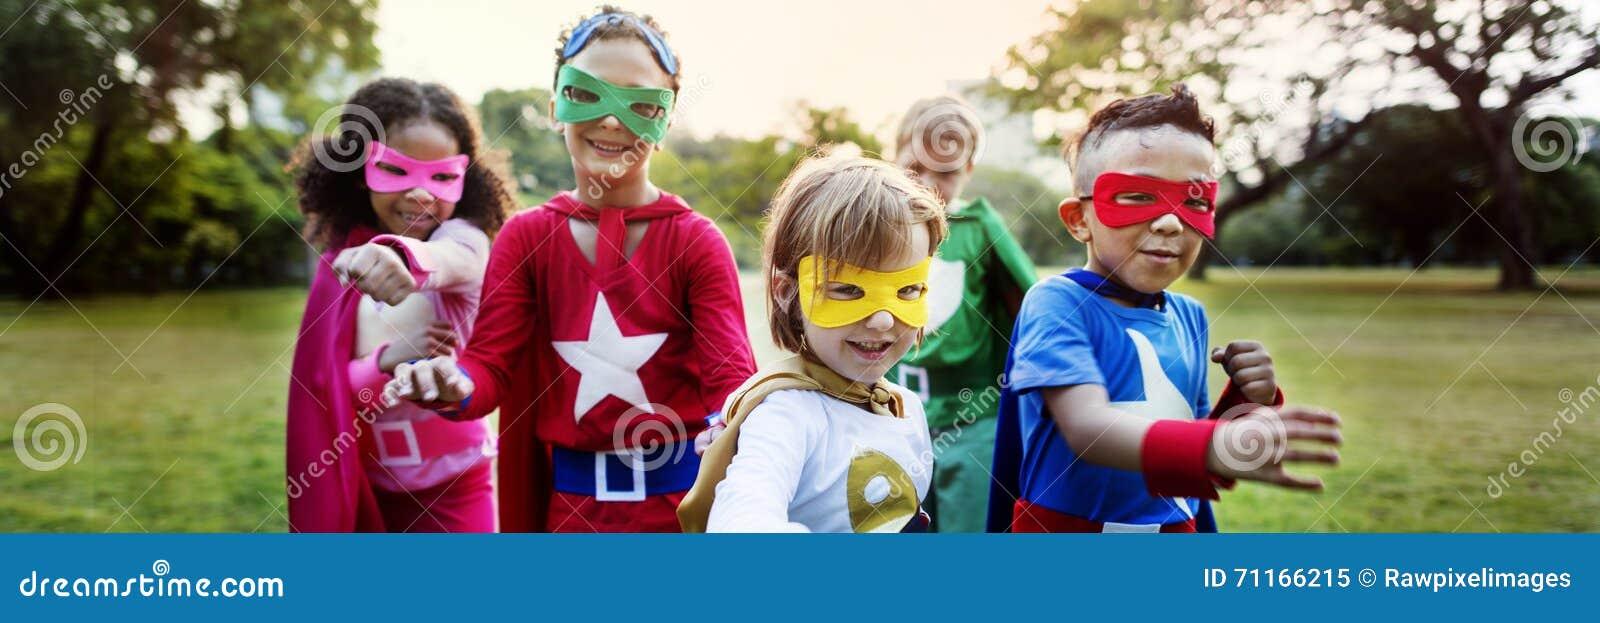 El super héroe embroma concepto juguetón de la diversión de la imaginación de la aspiración